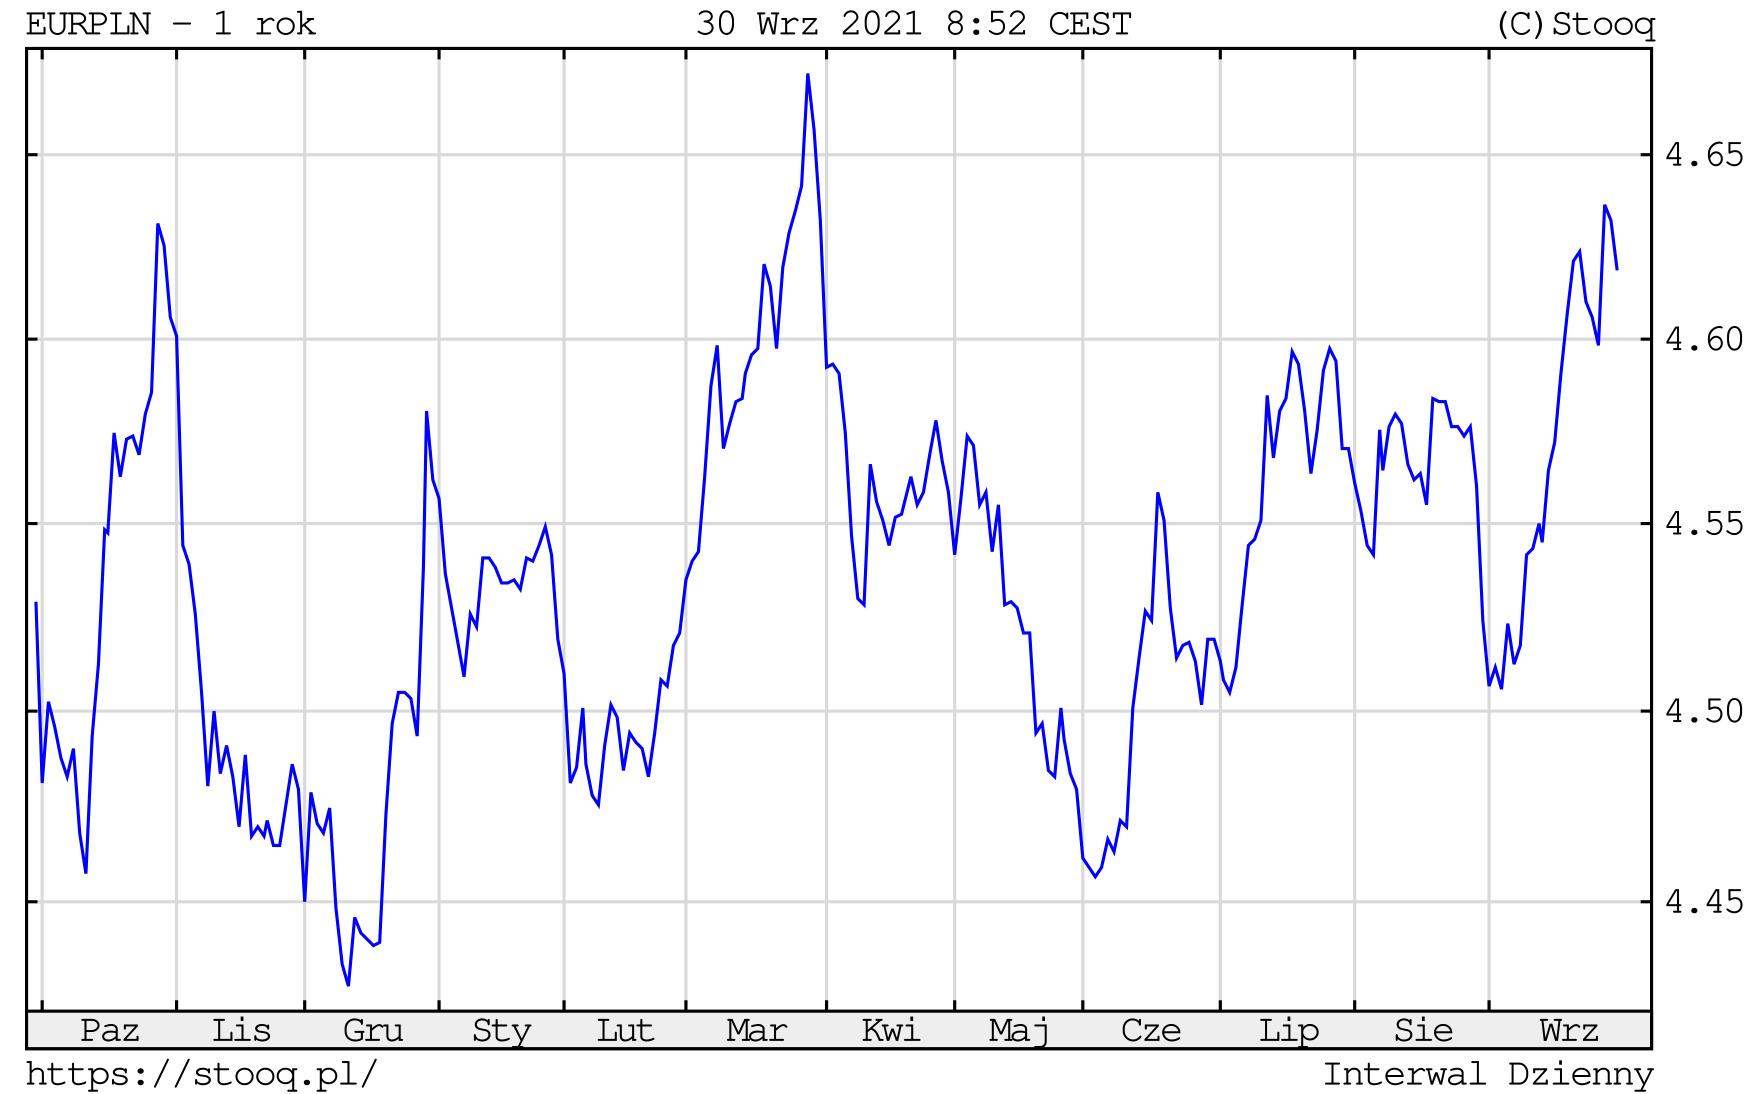 Kurs euro w czwartek, 30 września 2021 roku. Notowania EURPLN na wykresie dziennym